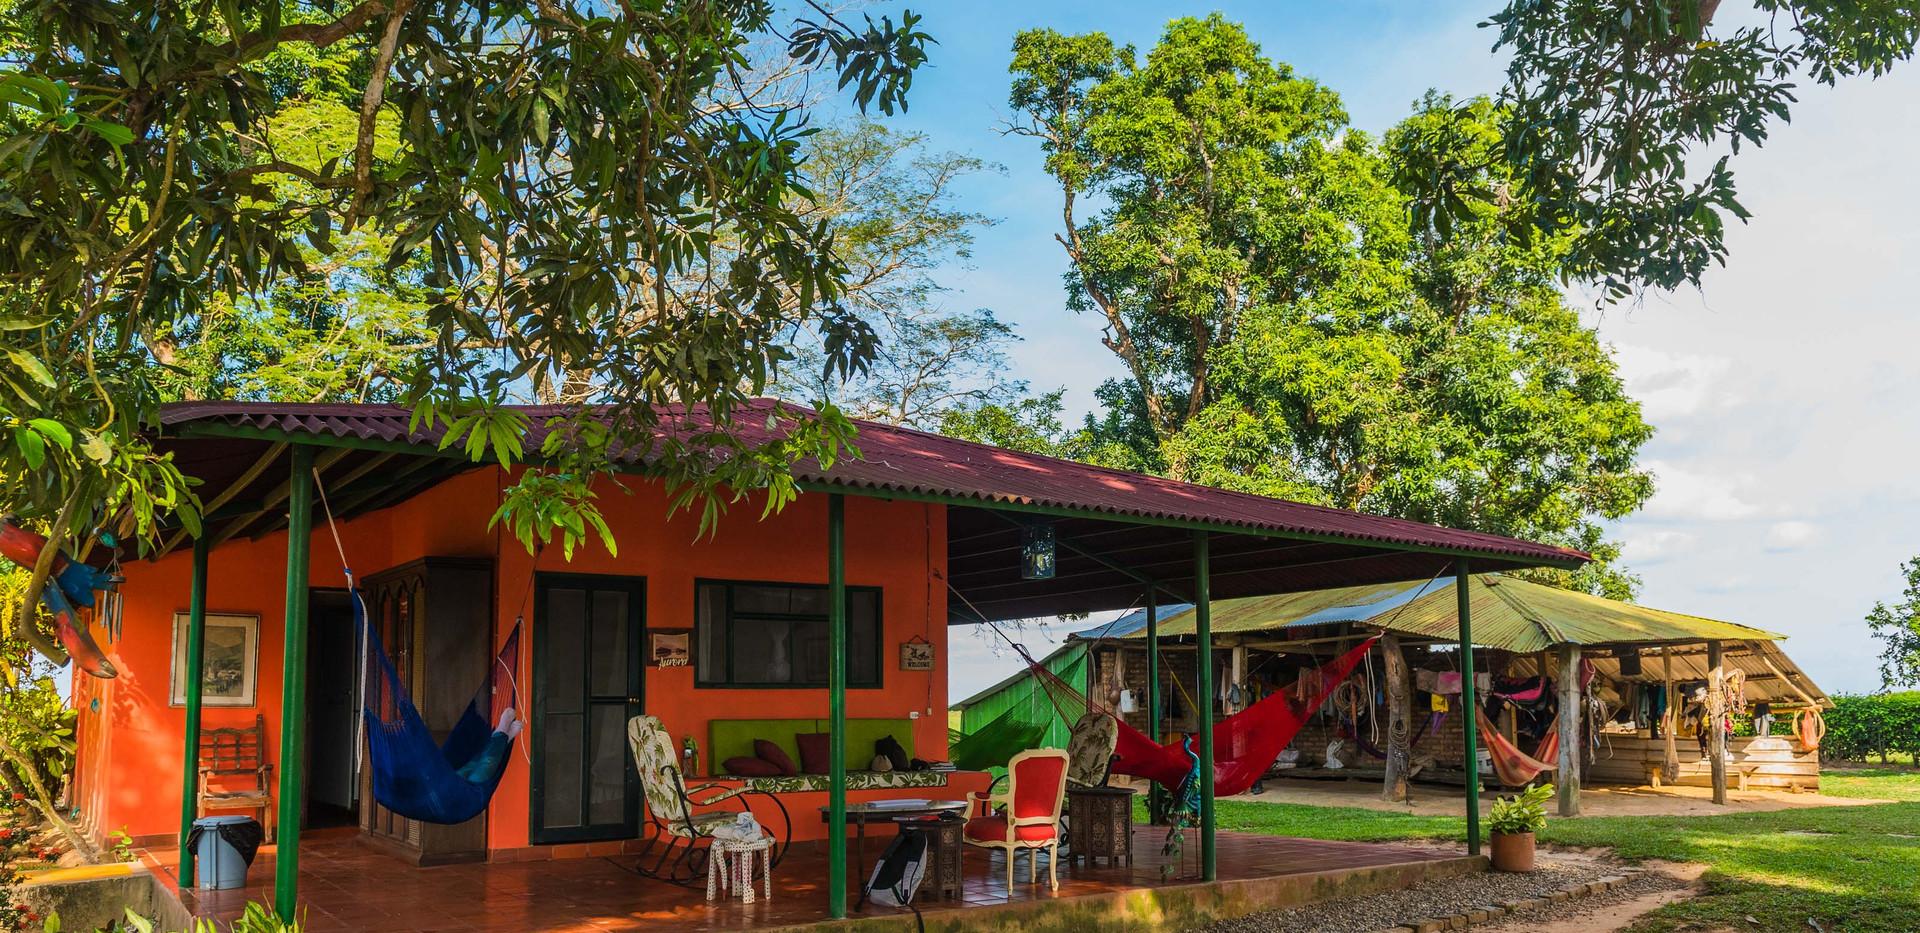 El-Encanto-de-Guanapalo-041.jpg